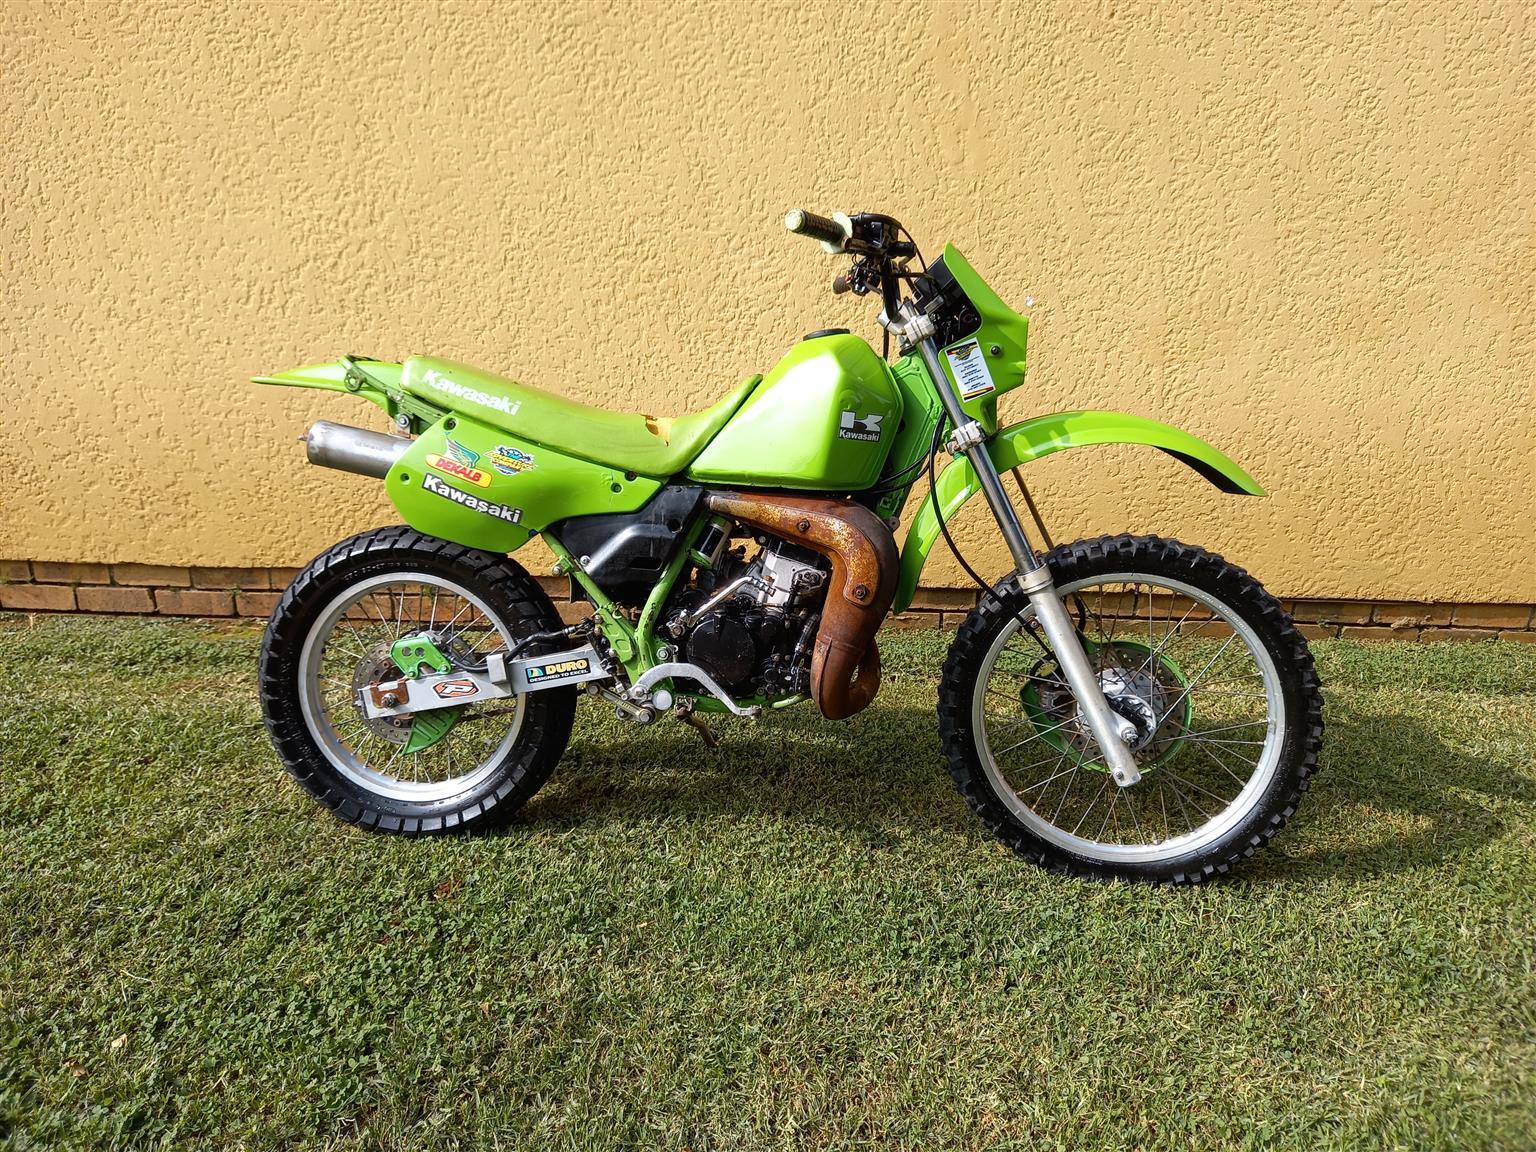 1996 Kawasaki KFX